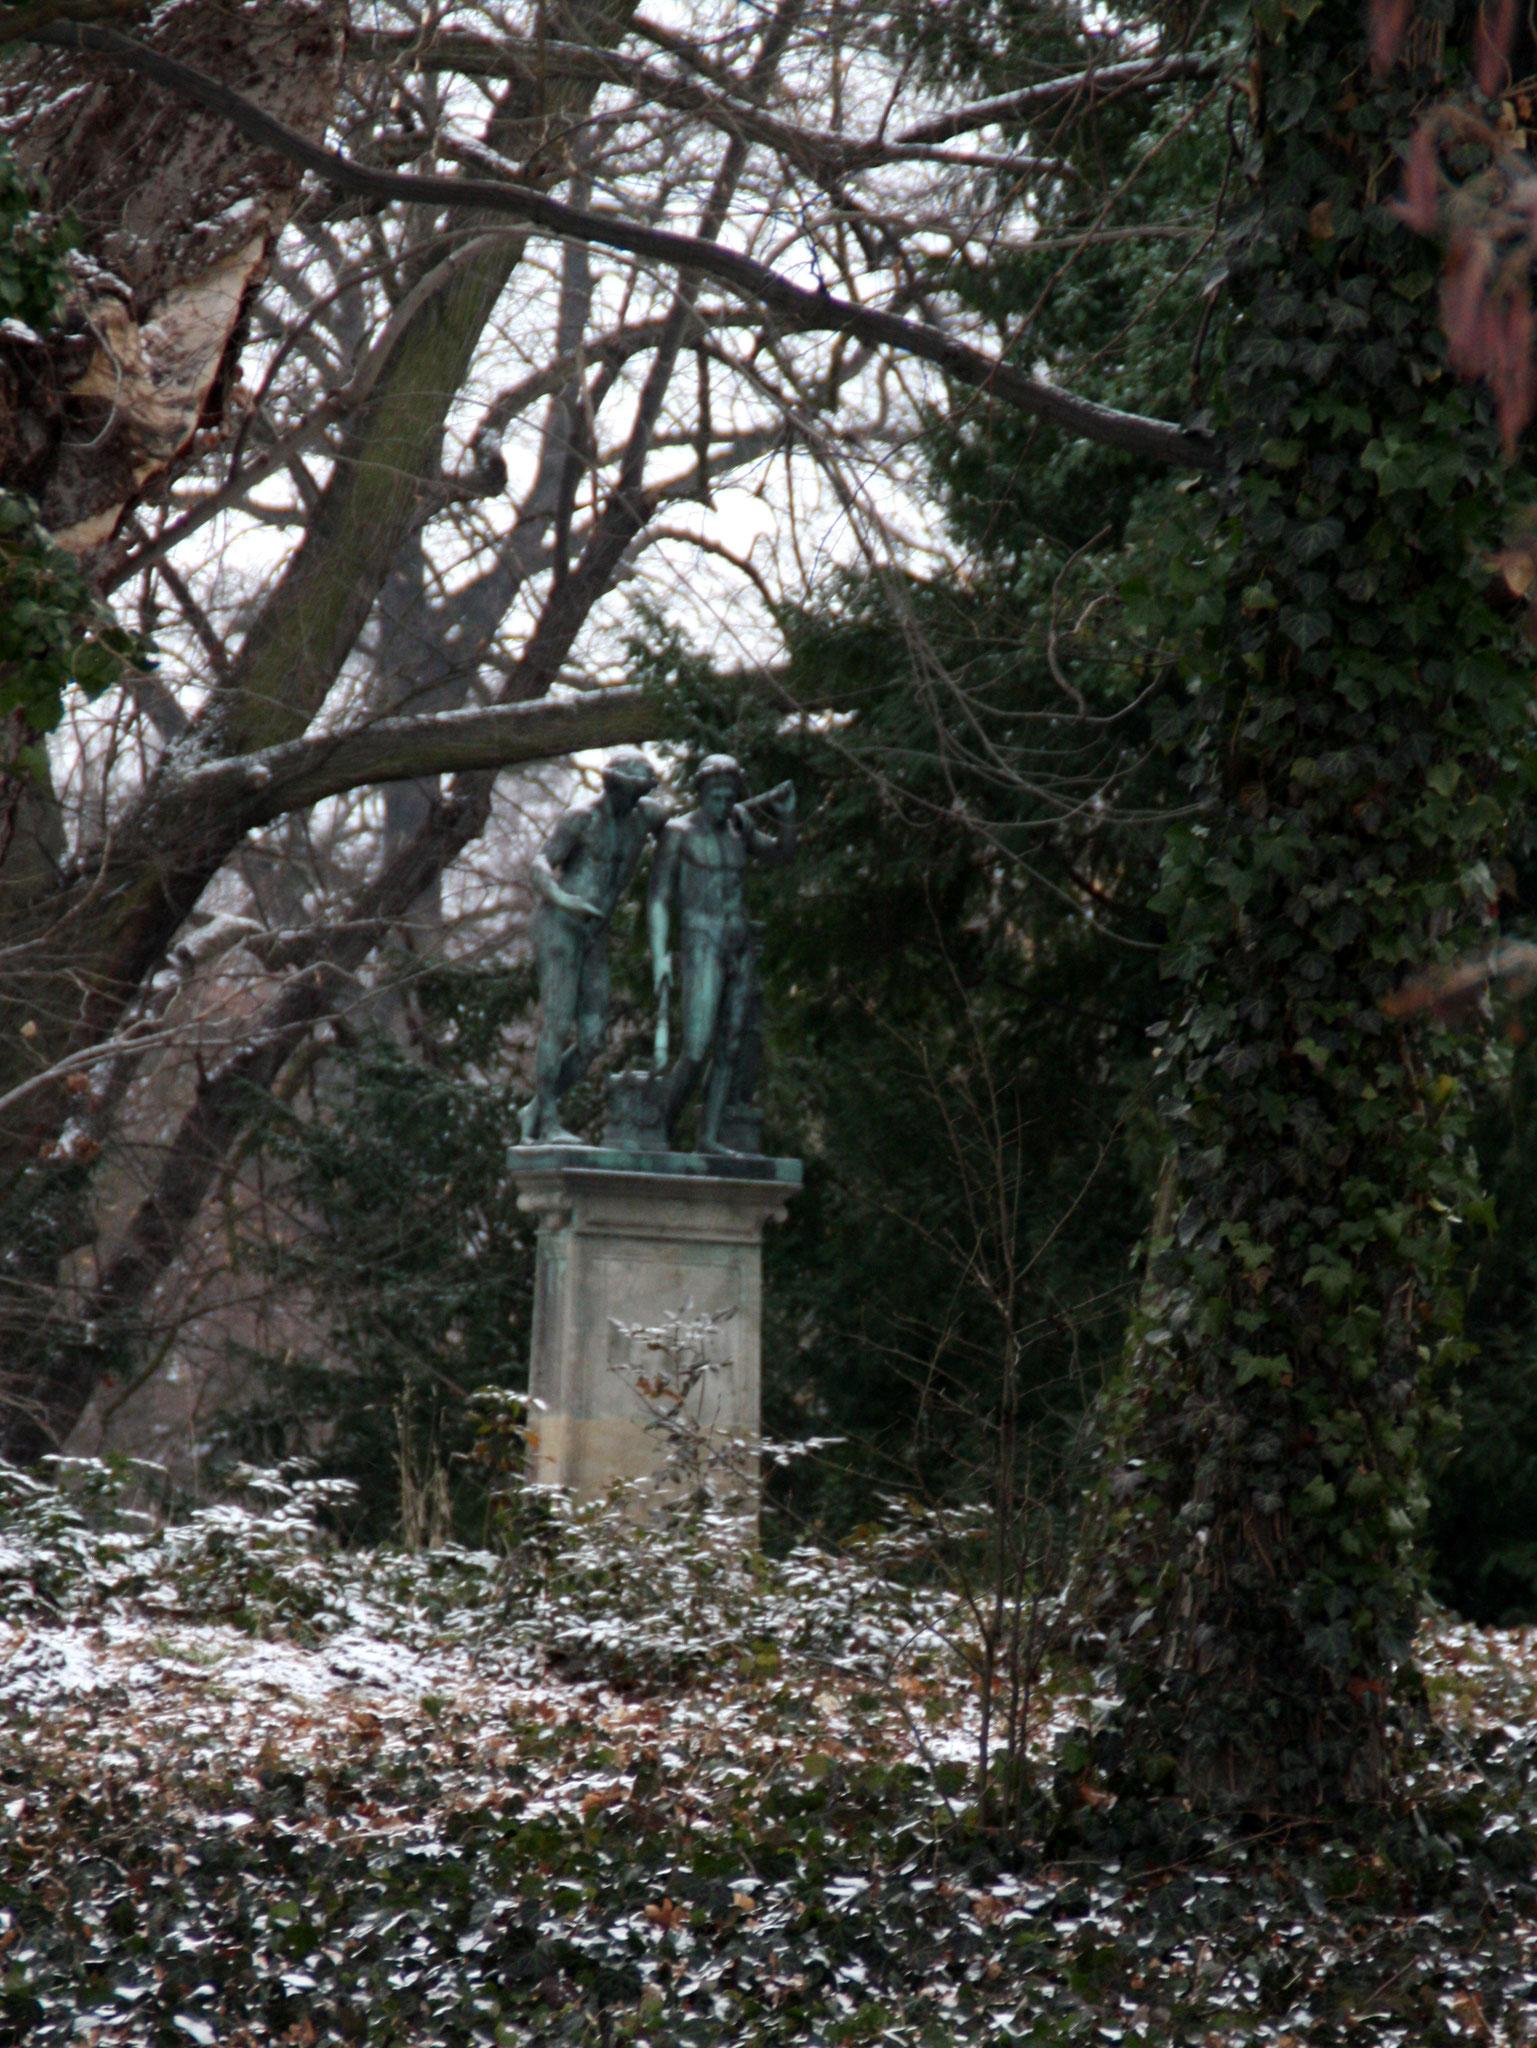 Naturlandschaft mit Kunst. Schlosspark Charlottenburg im Winter. Foto: Helga Karl